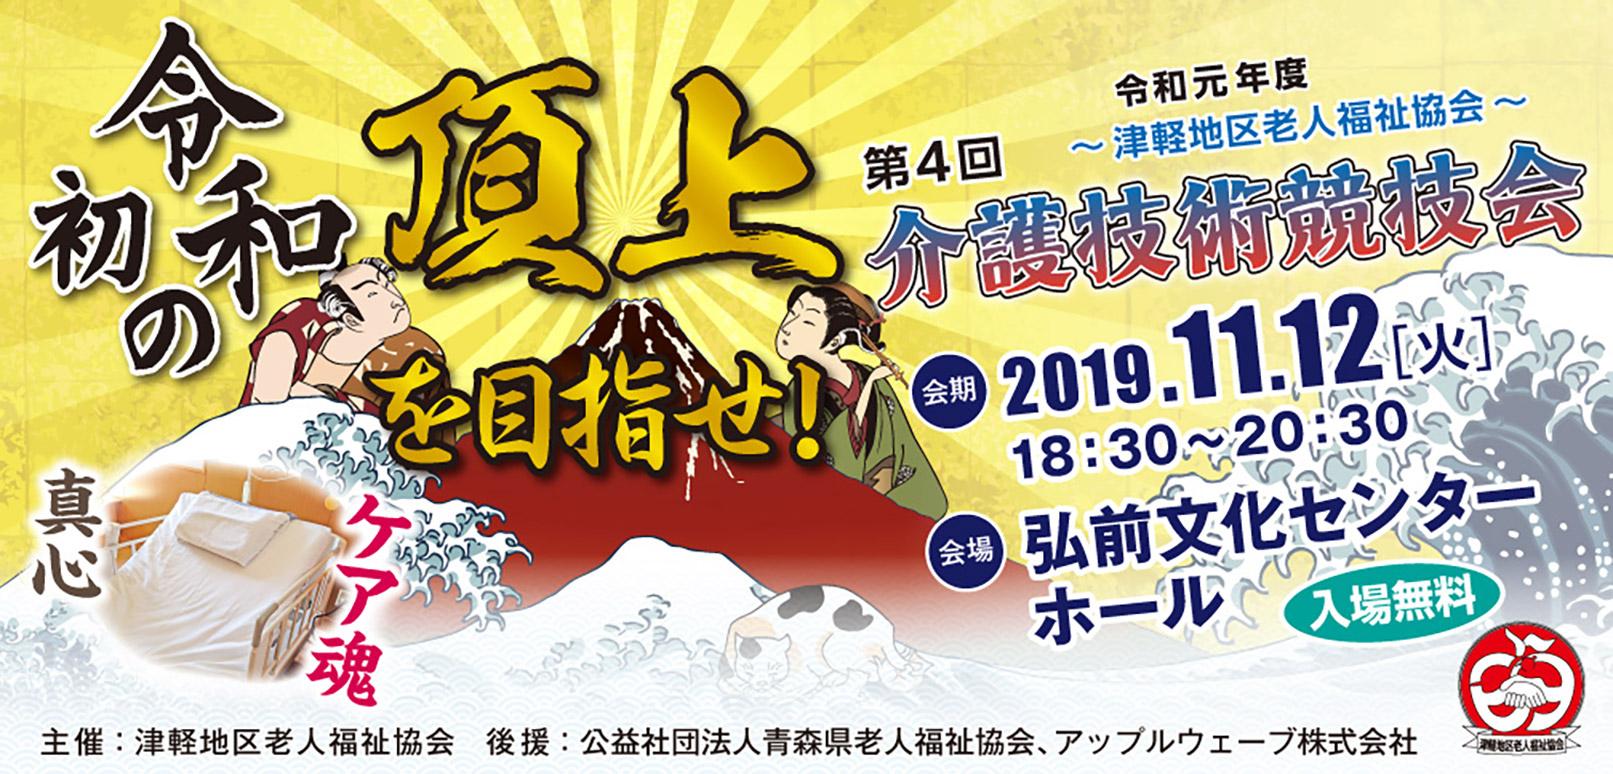 津軽地区老人福祉協会 第4回 介護技術競技会